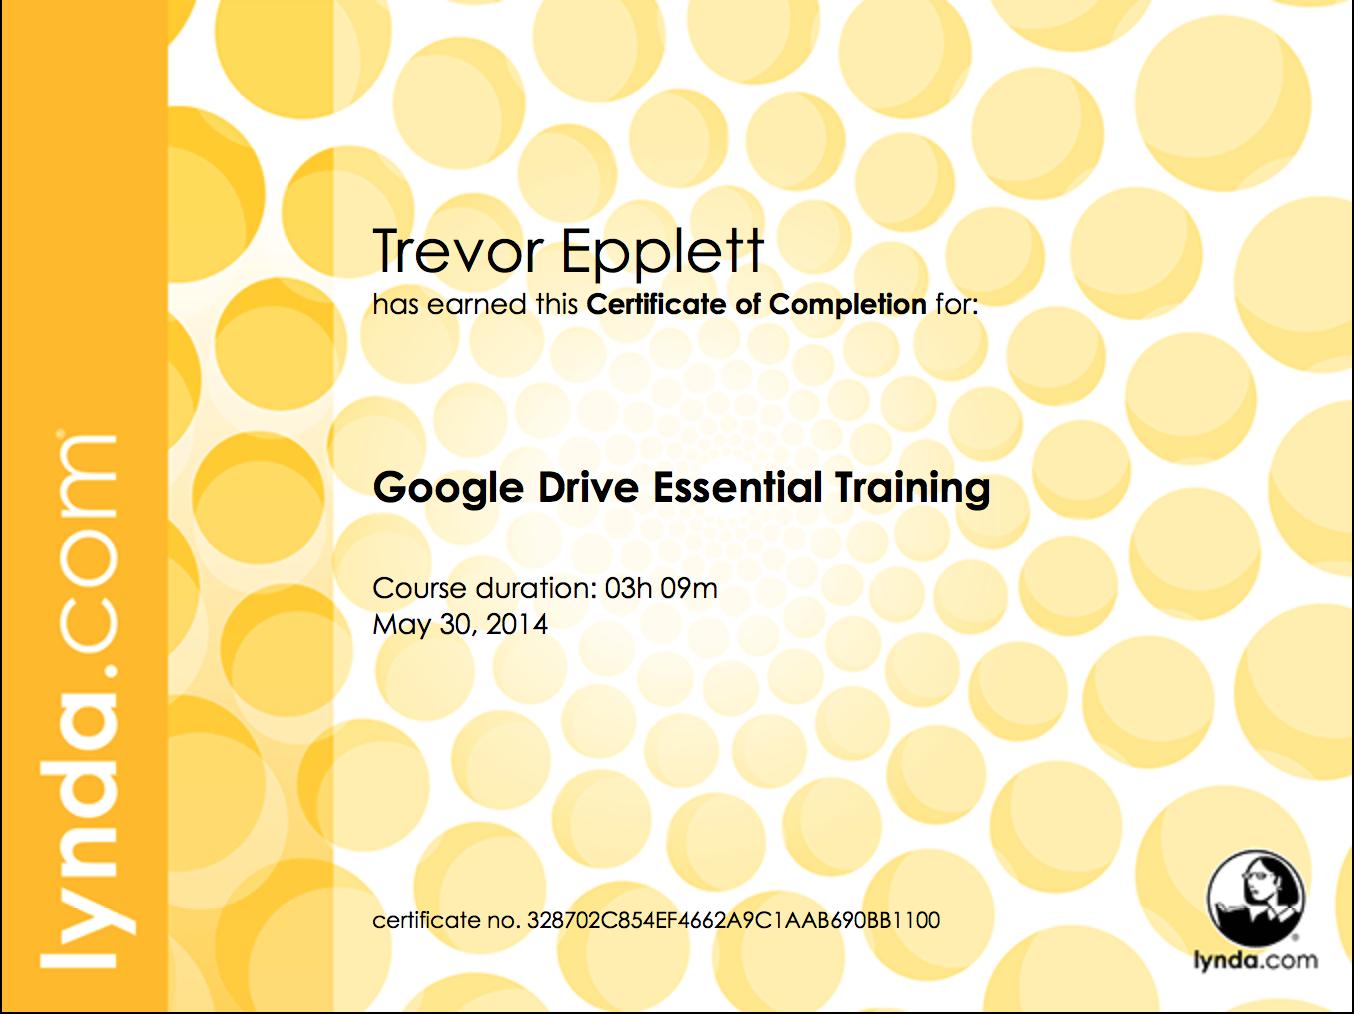 Lynda com Certifications | Trevor Epplett